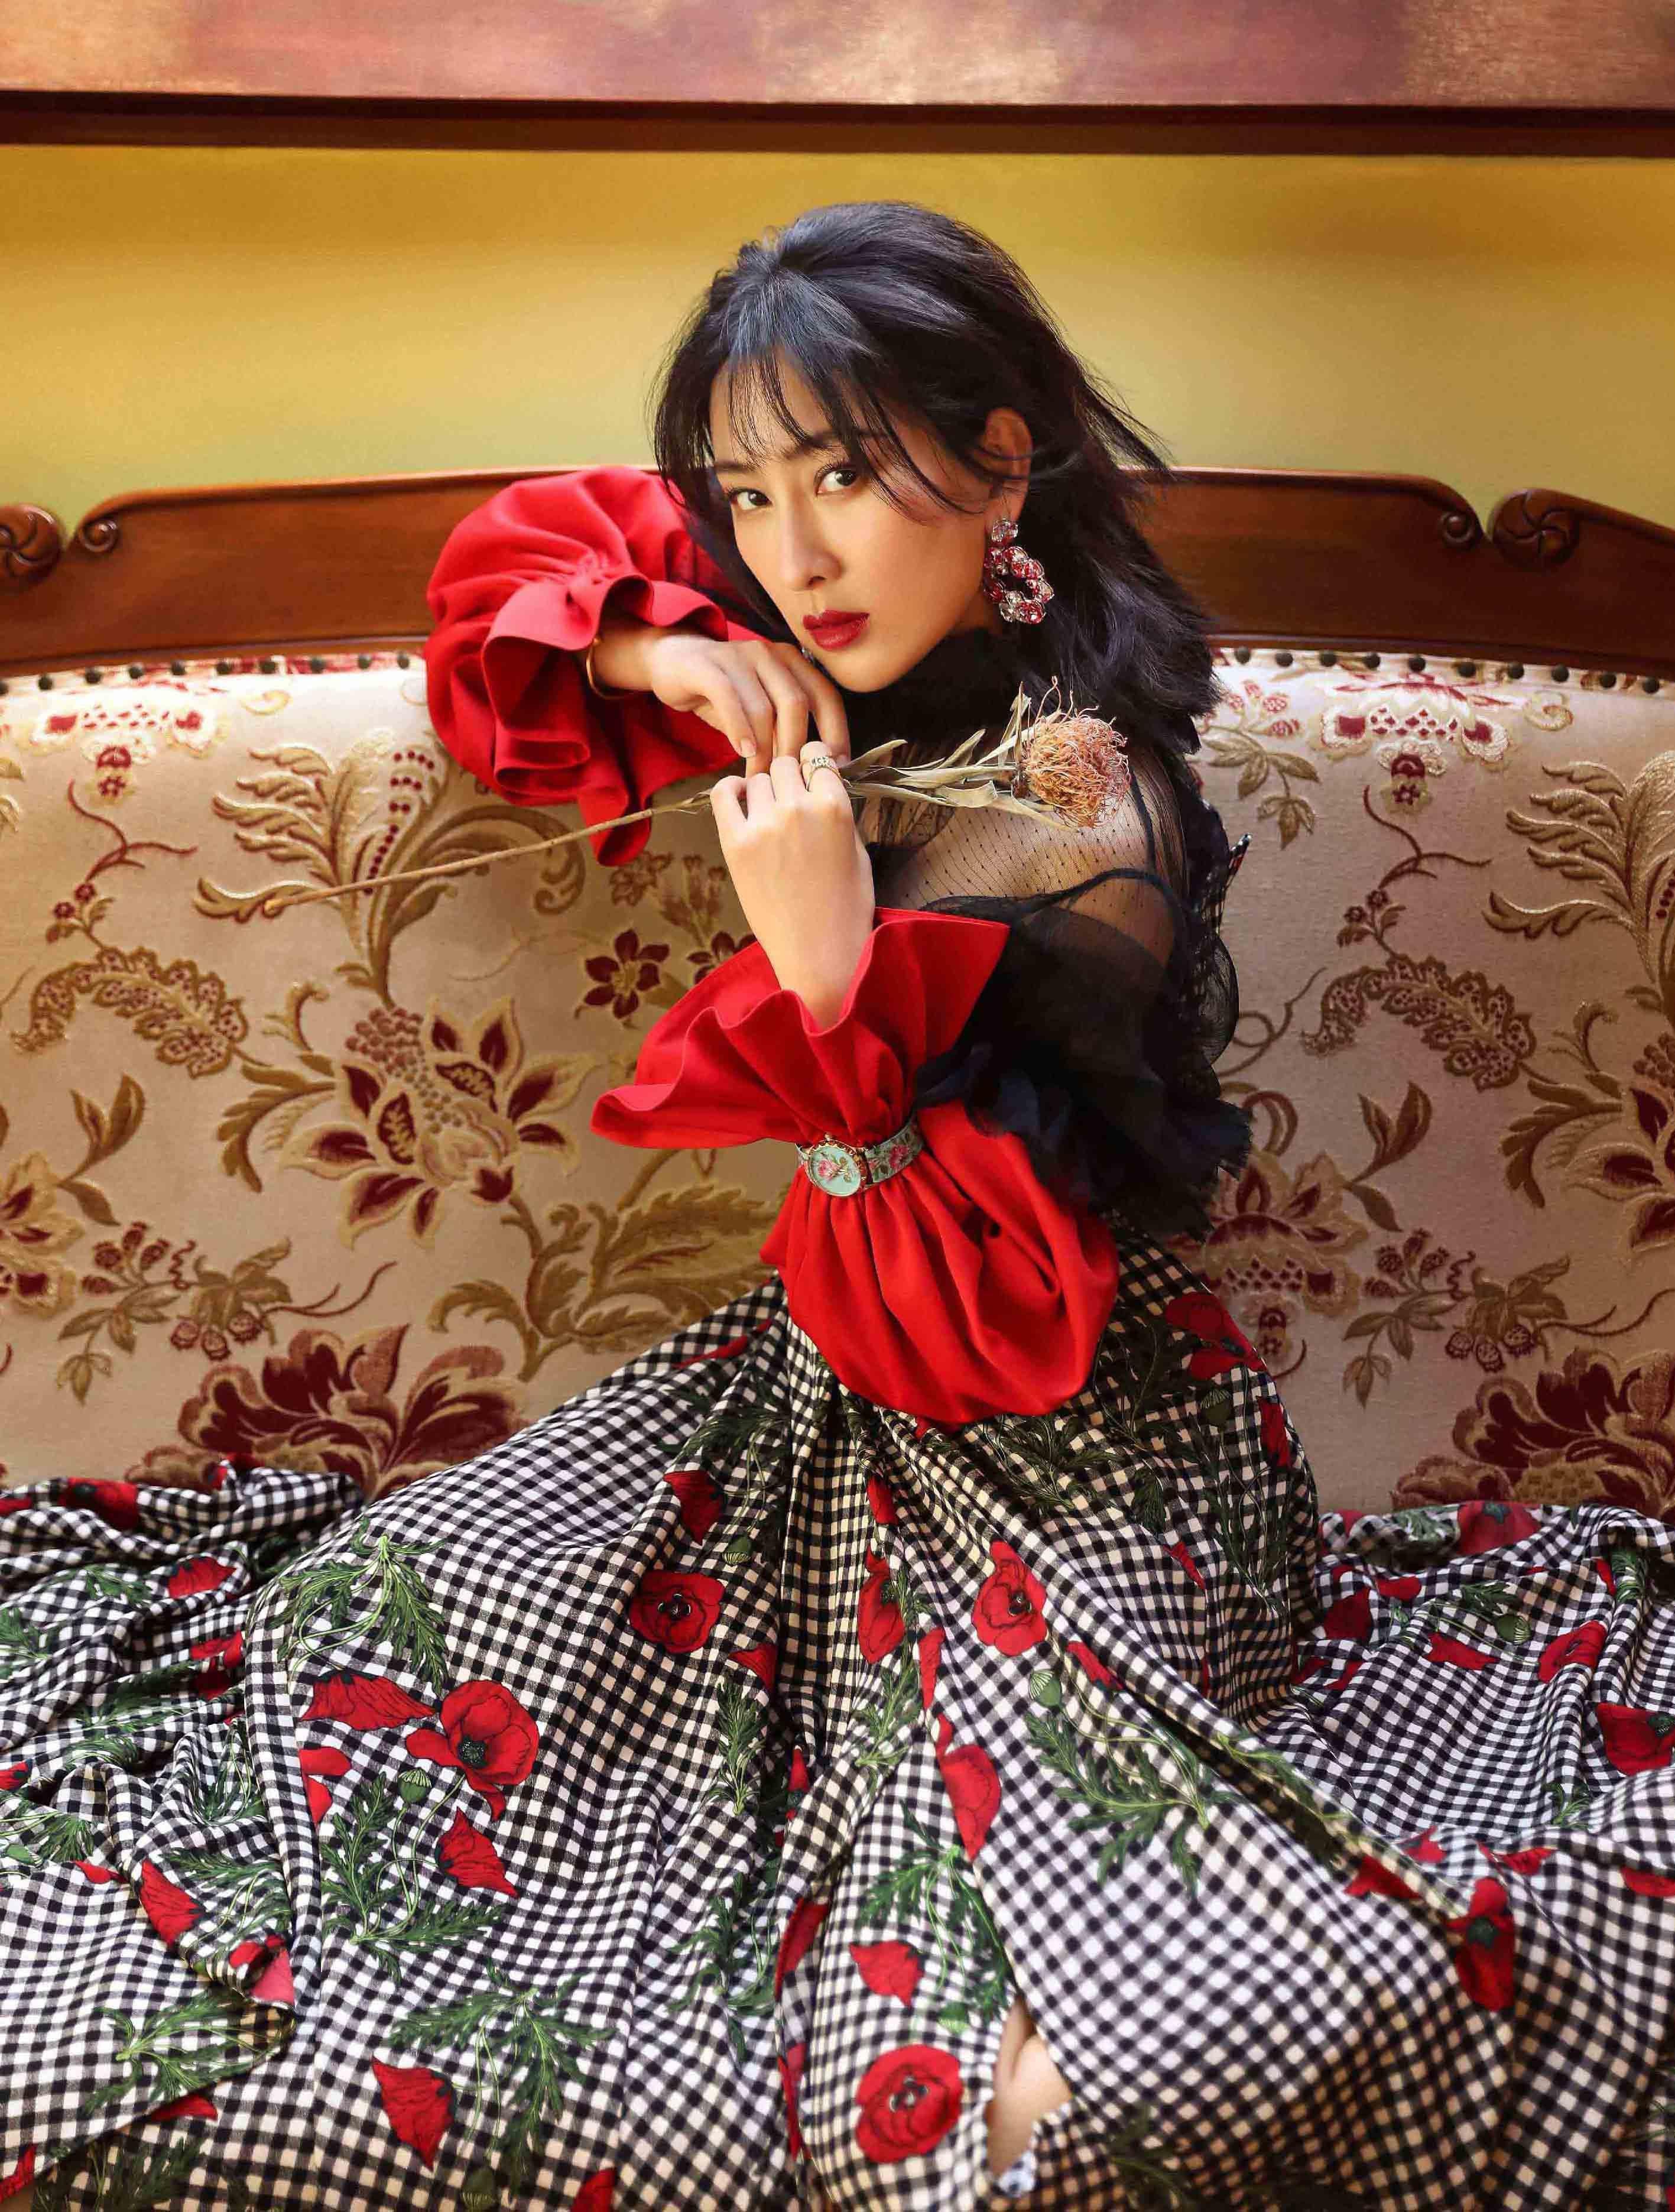 马苏复古杂志封面曝光 优雅从容散发成熟女性魅力